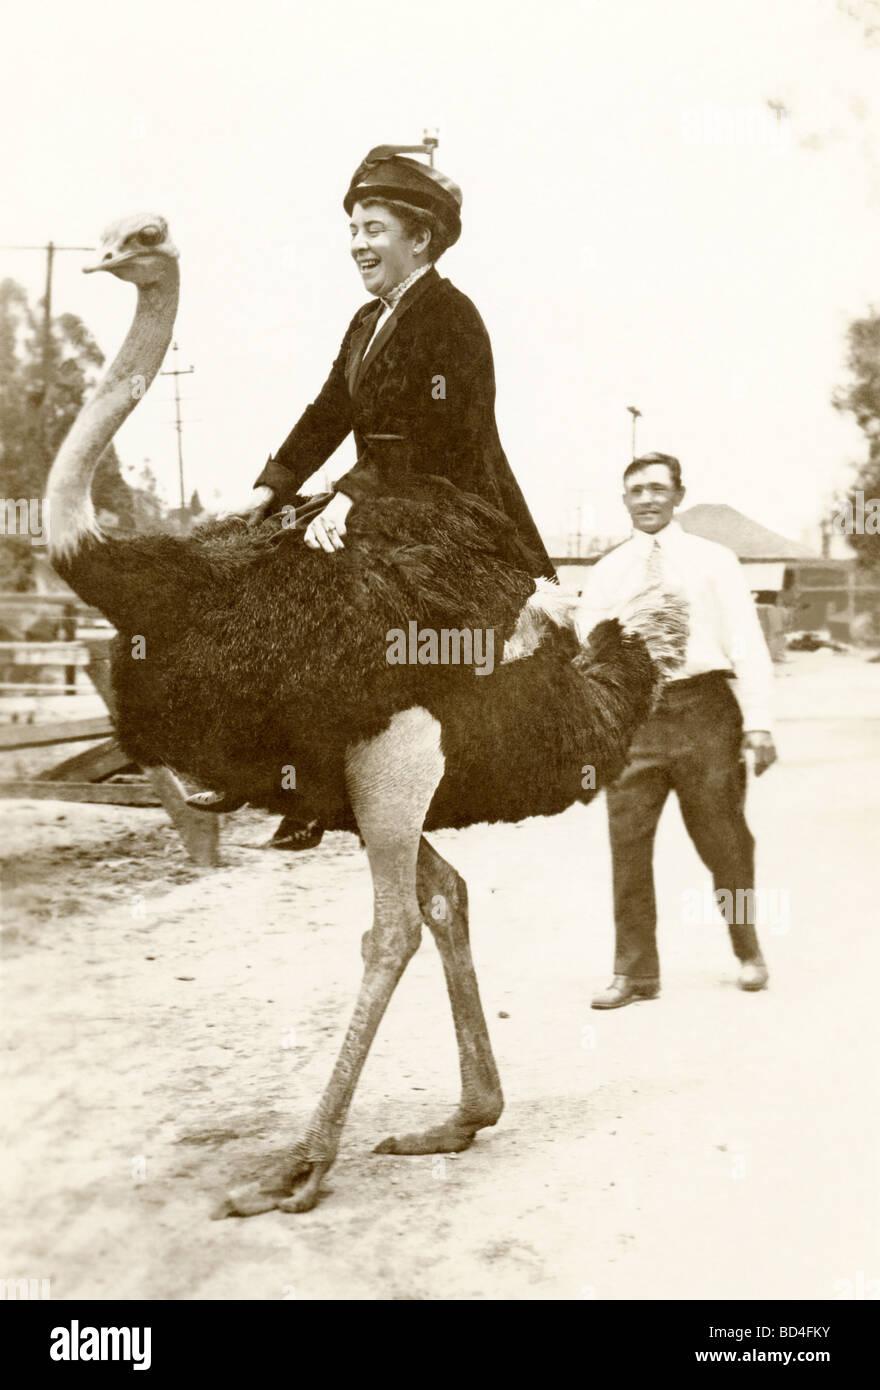 Mujer montando un avestruz Imagen De Stock